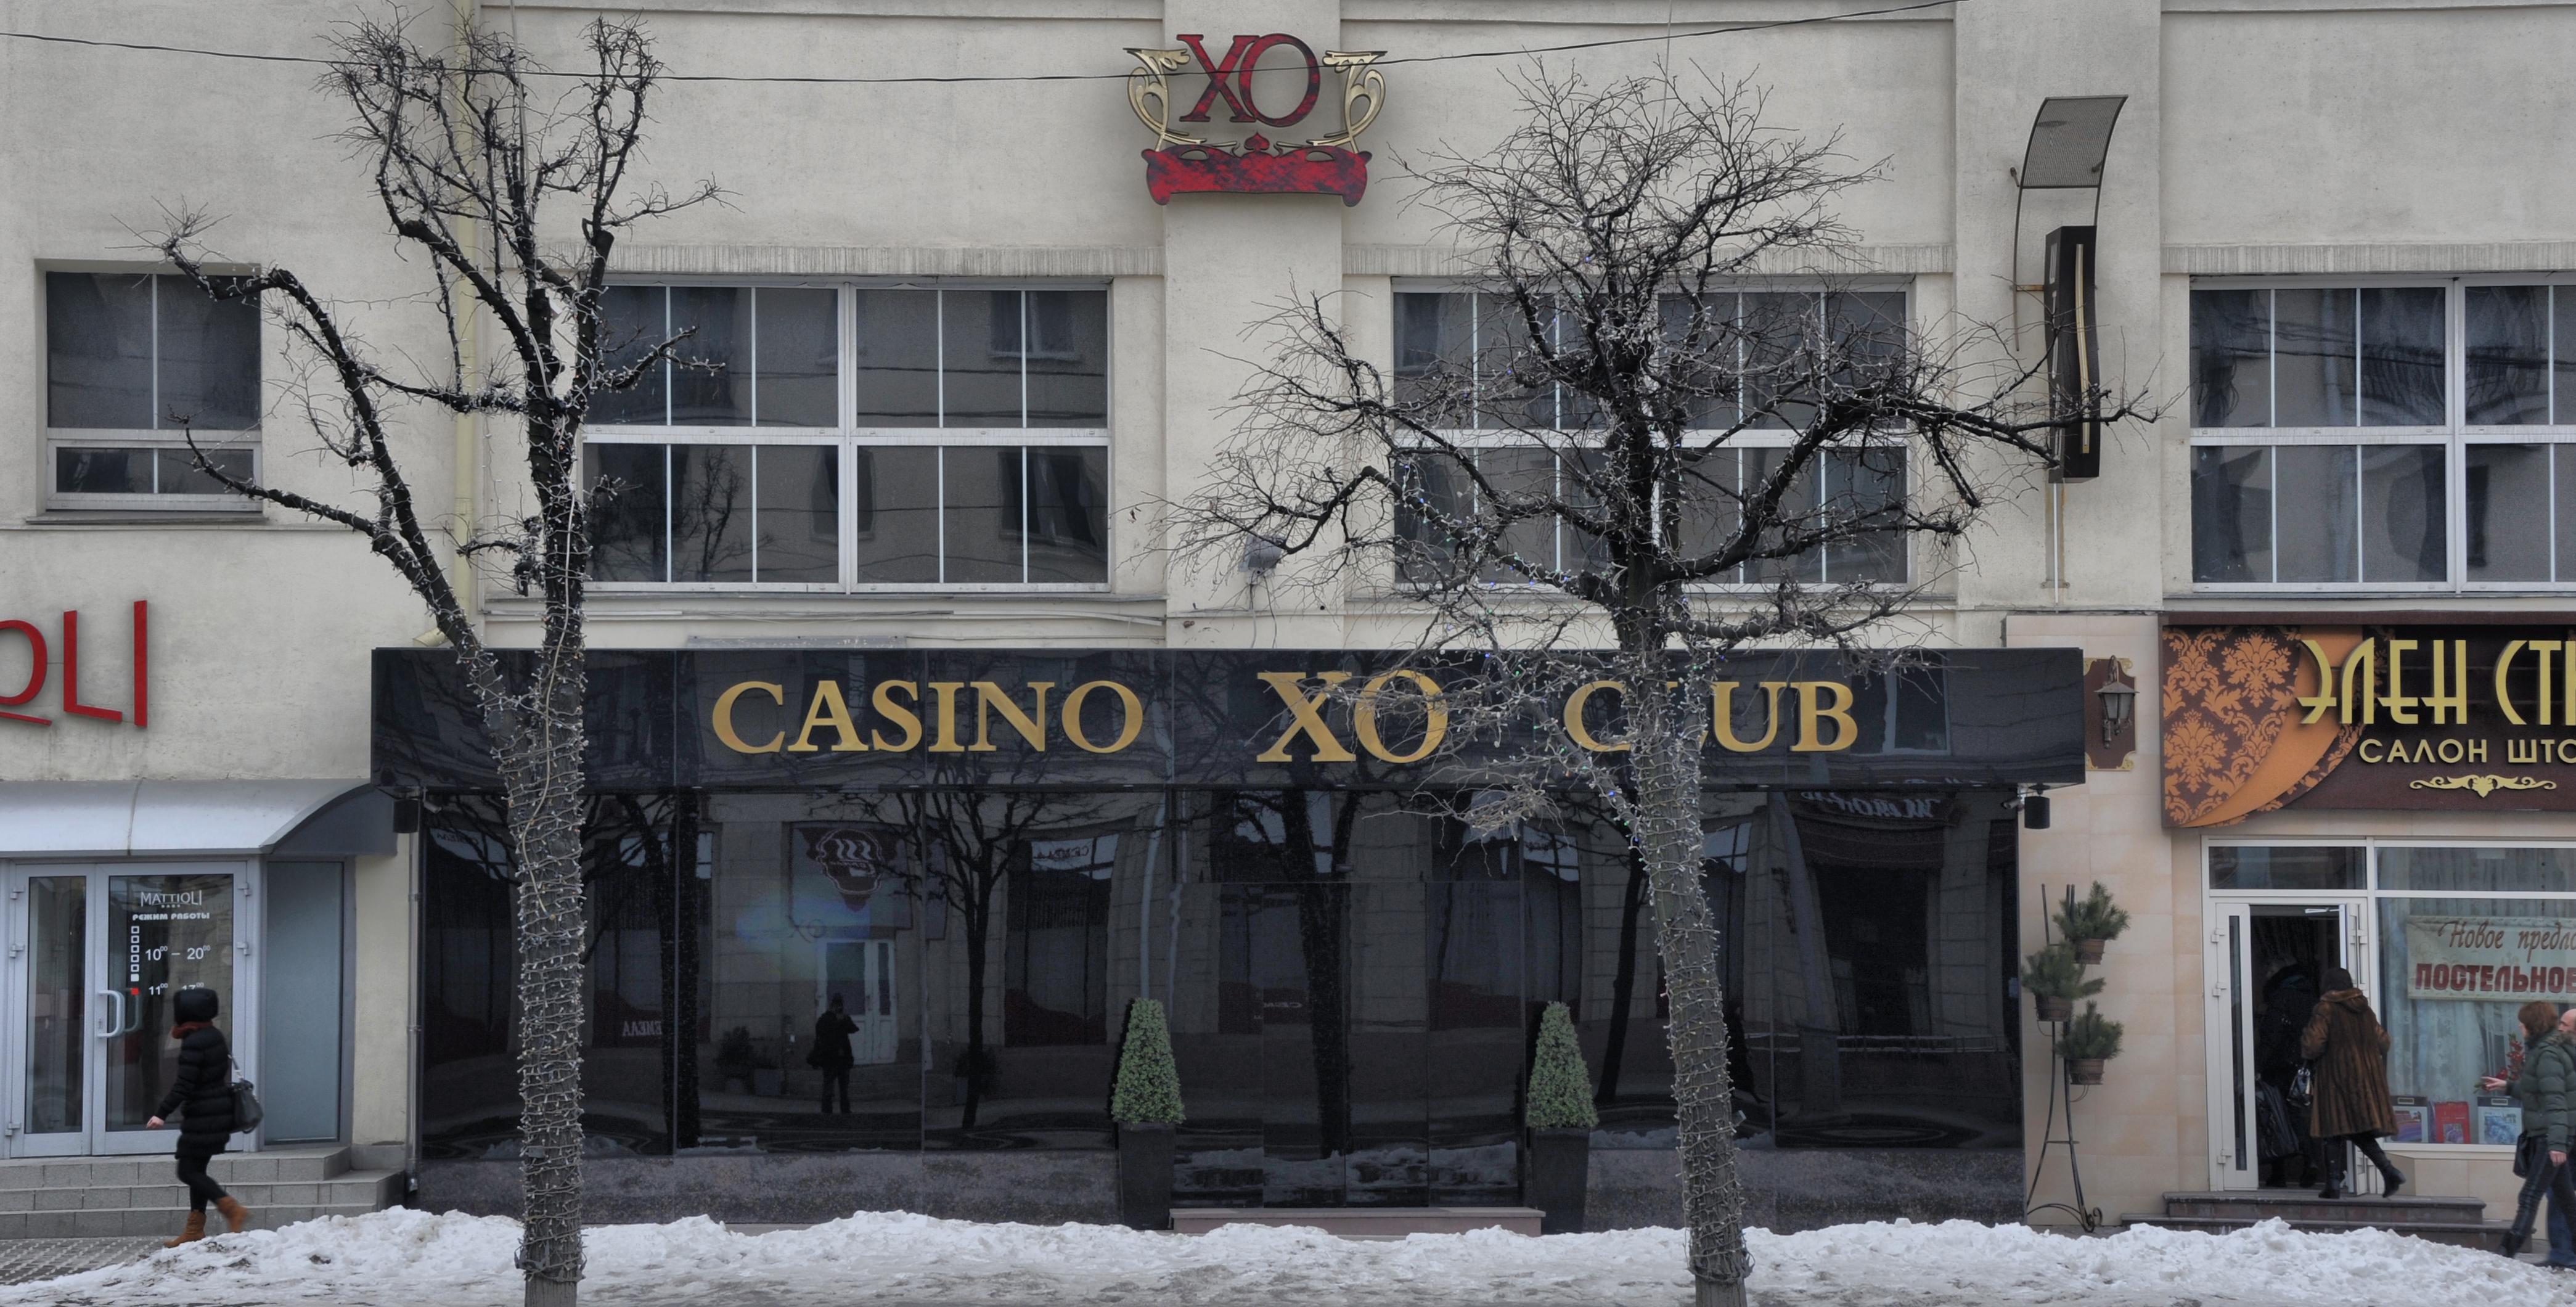 http://casinobelarus.ru/wp-content/uploads/2013/02/xo.jpg